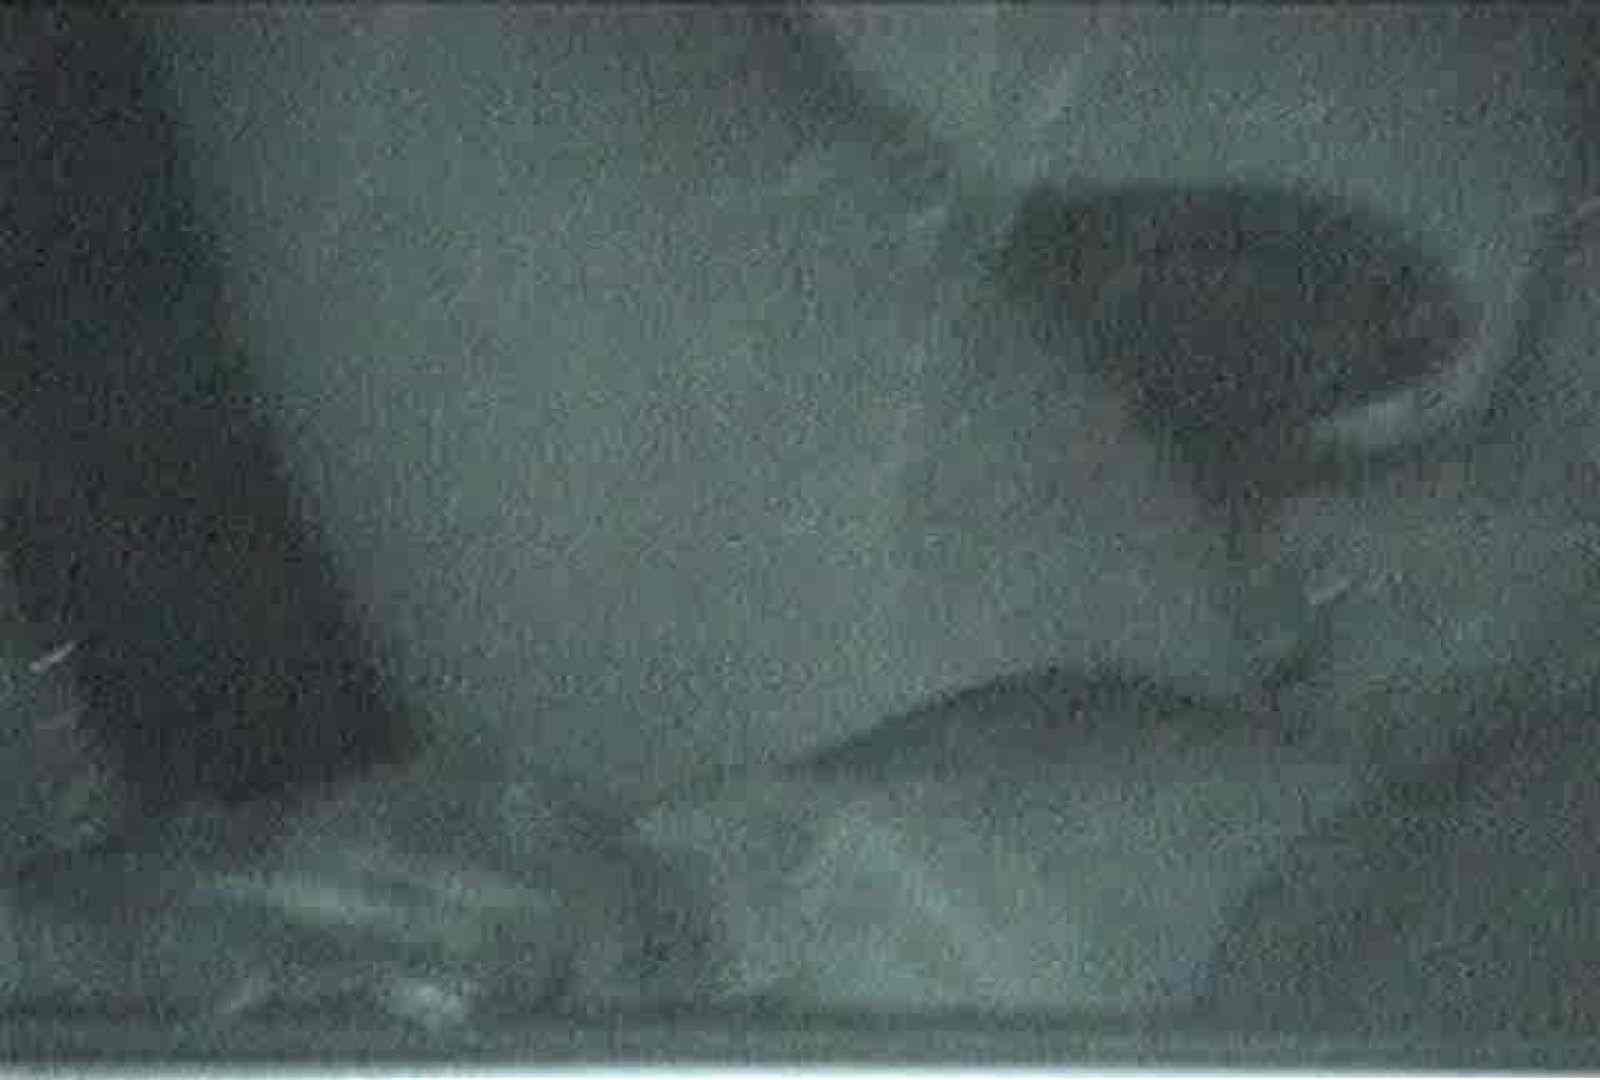 充血監督の深夜の運動会Vol.96 エッチなセックス SEX無修正画像 106画像 8